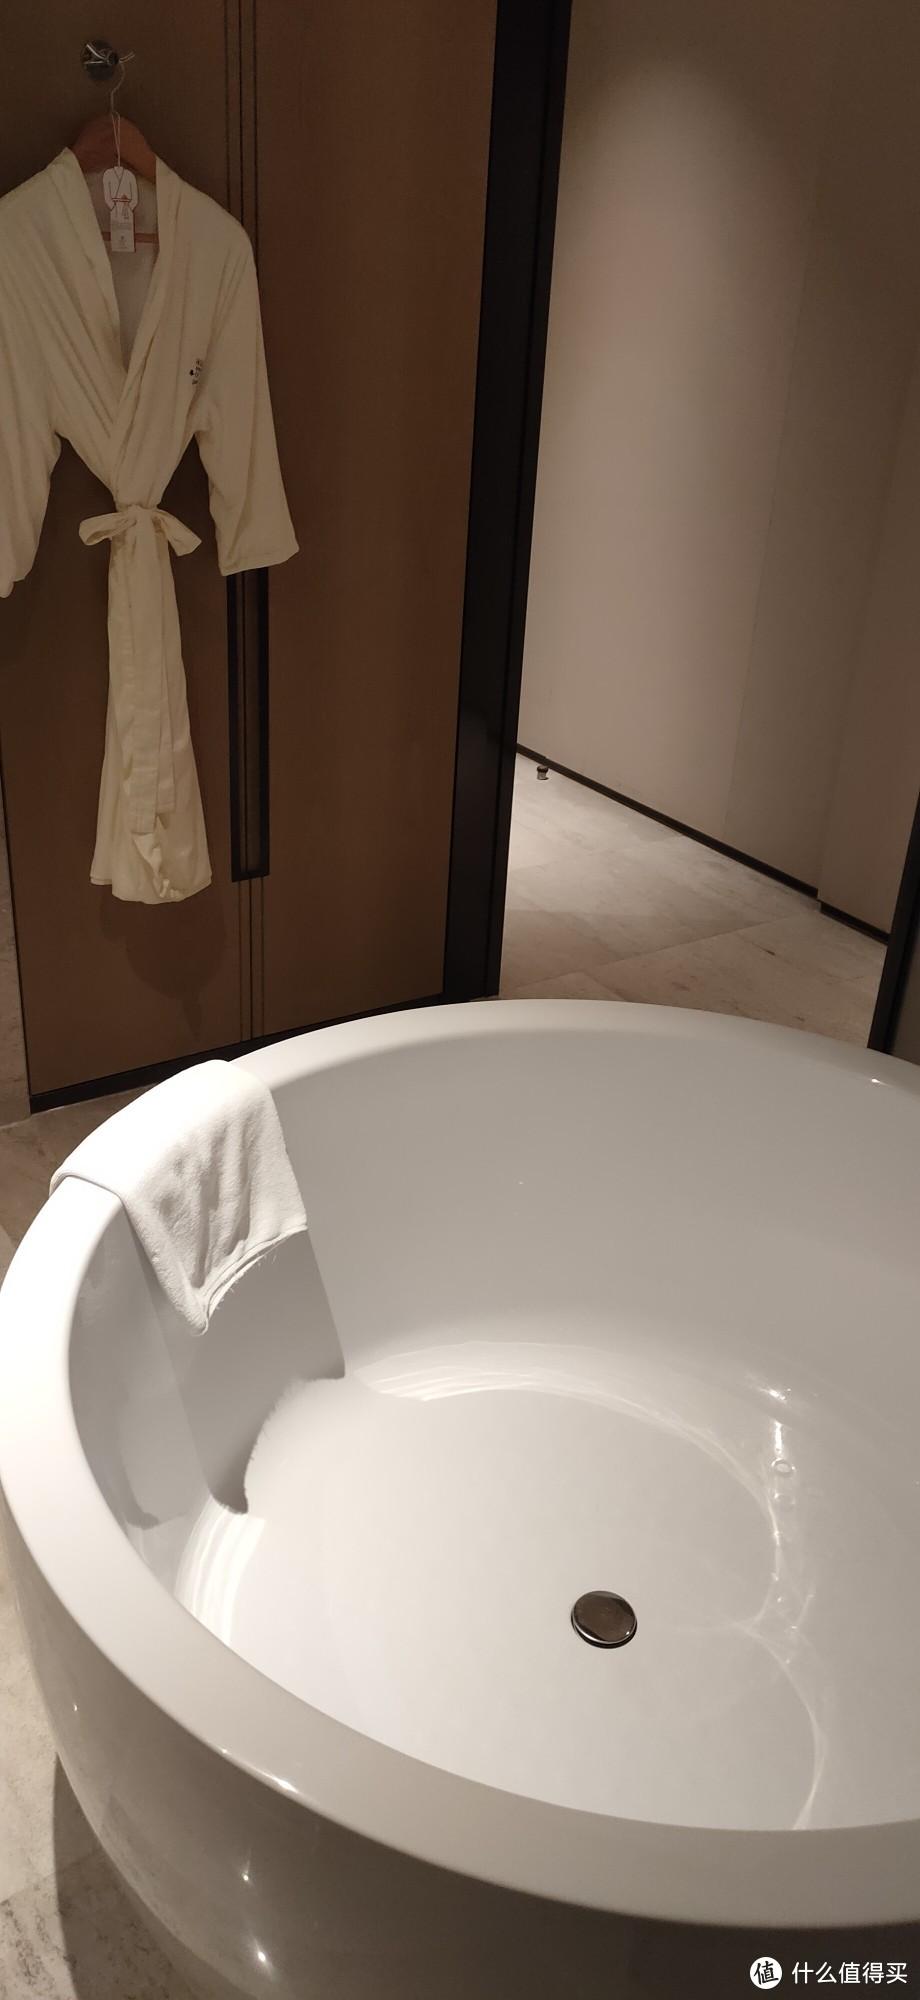 大浴缸 感受了一下